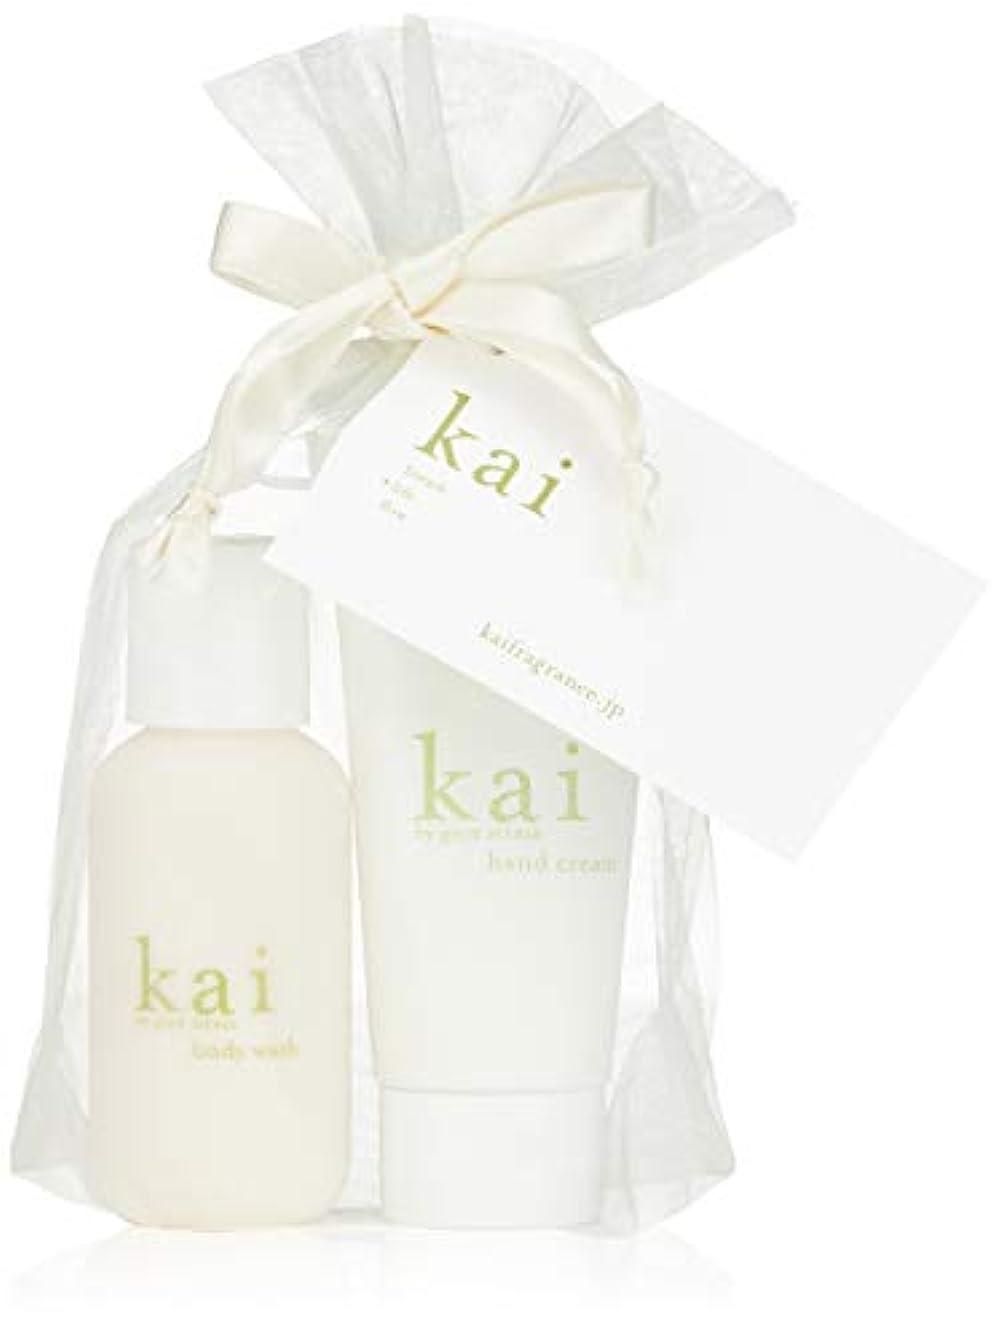 占めるタイト宮殿kai fragrance(カイ フレグランス) ハンドクリーム&ミニボディウォッシュ 59×2ml